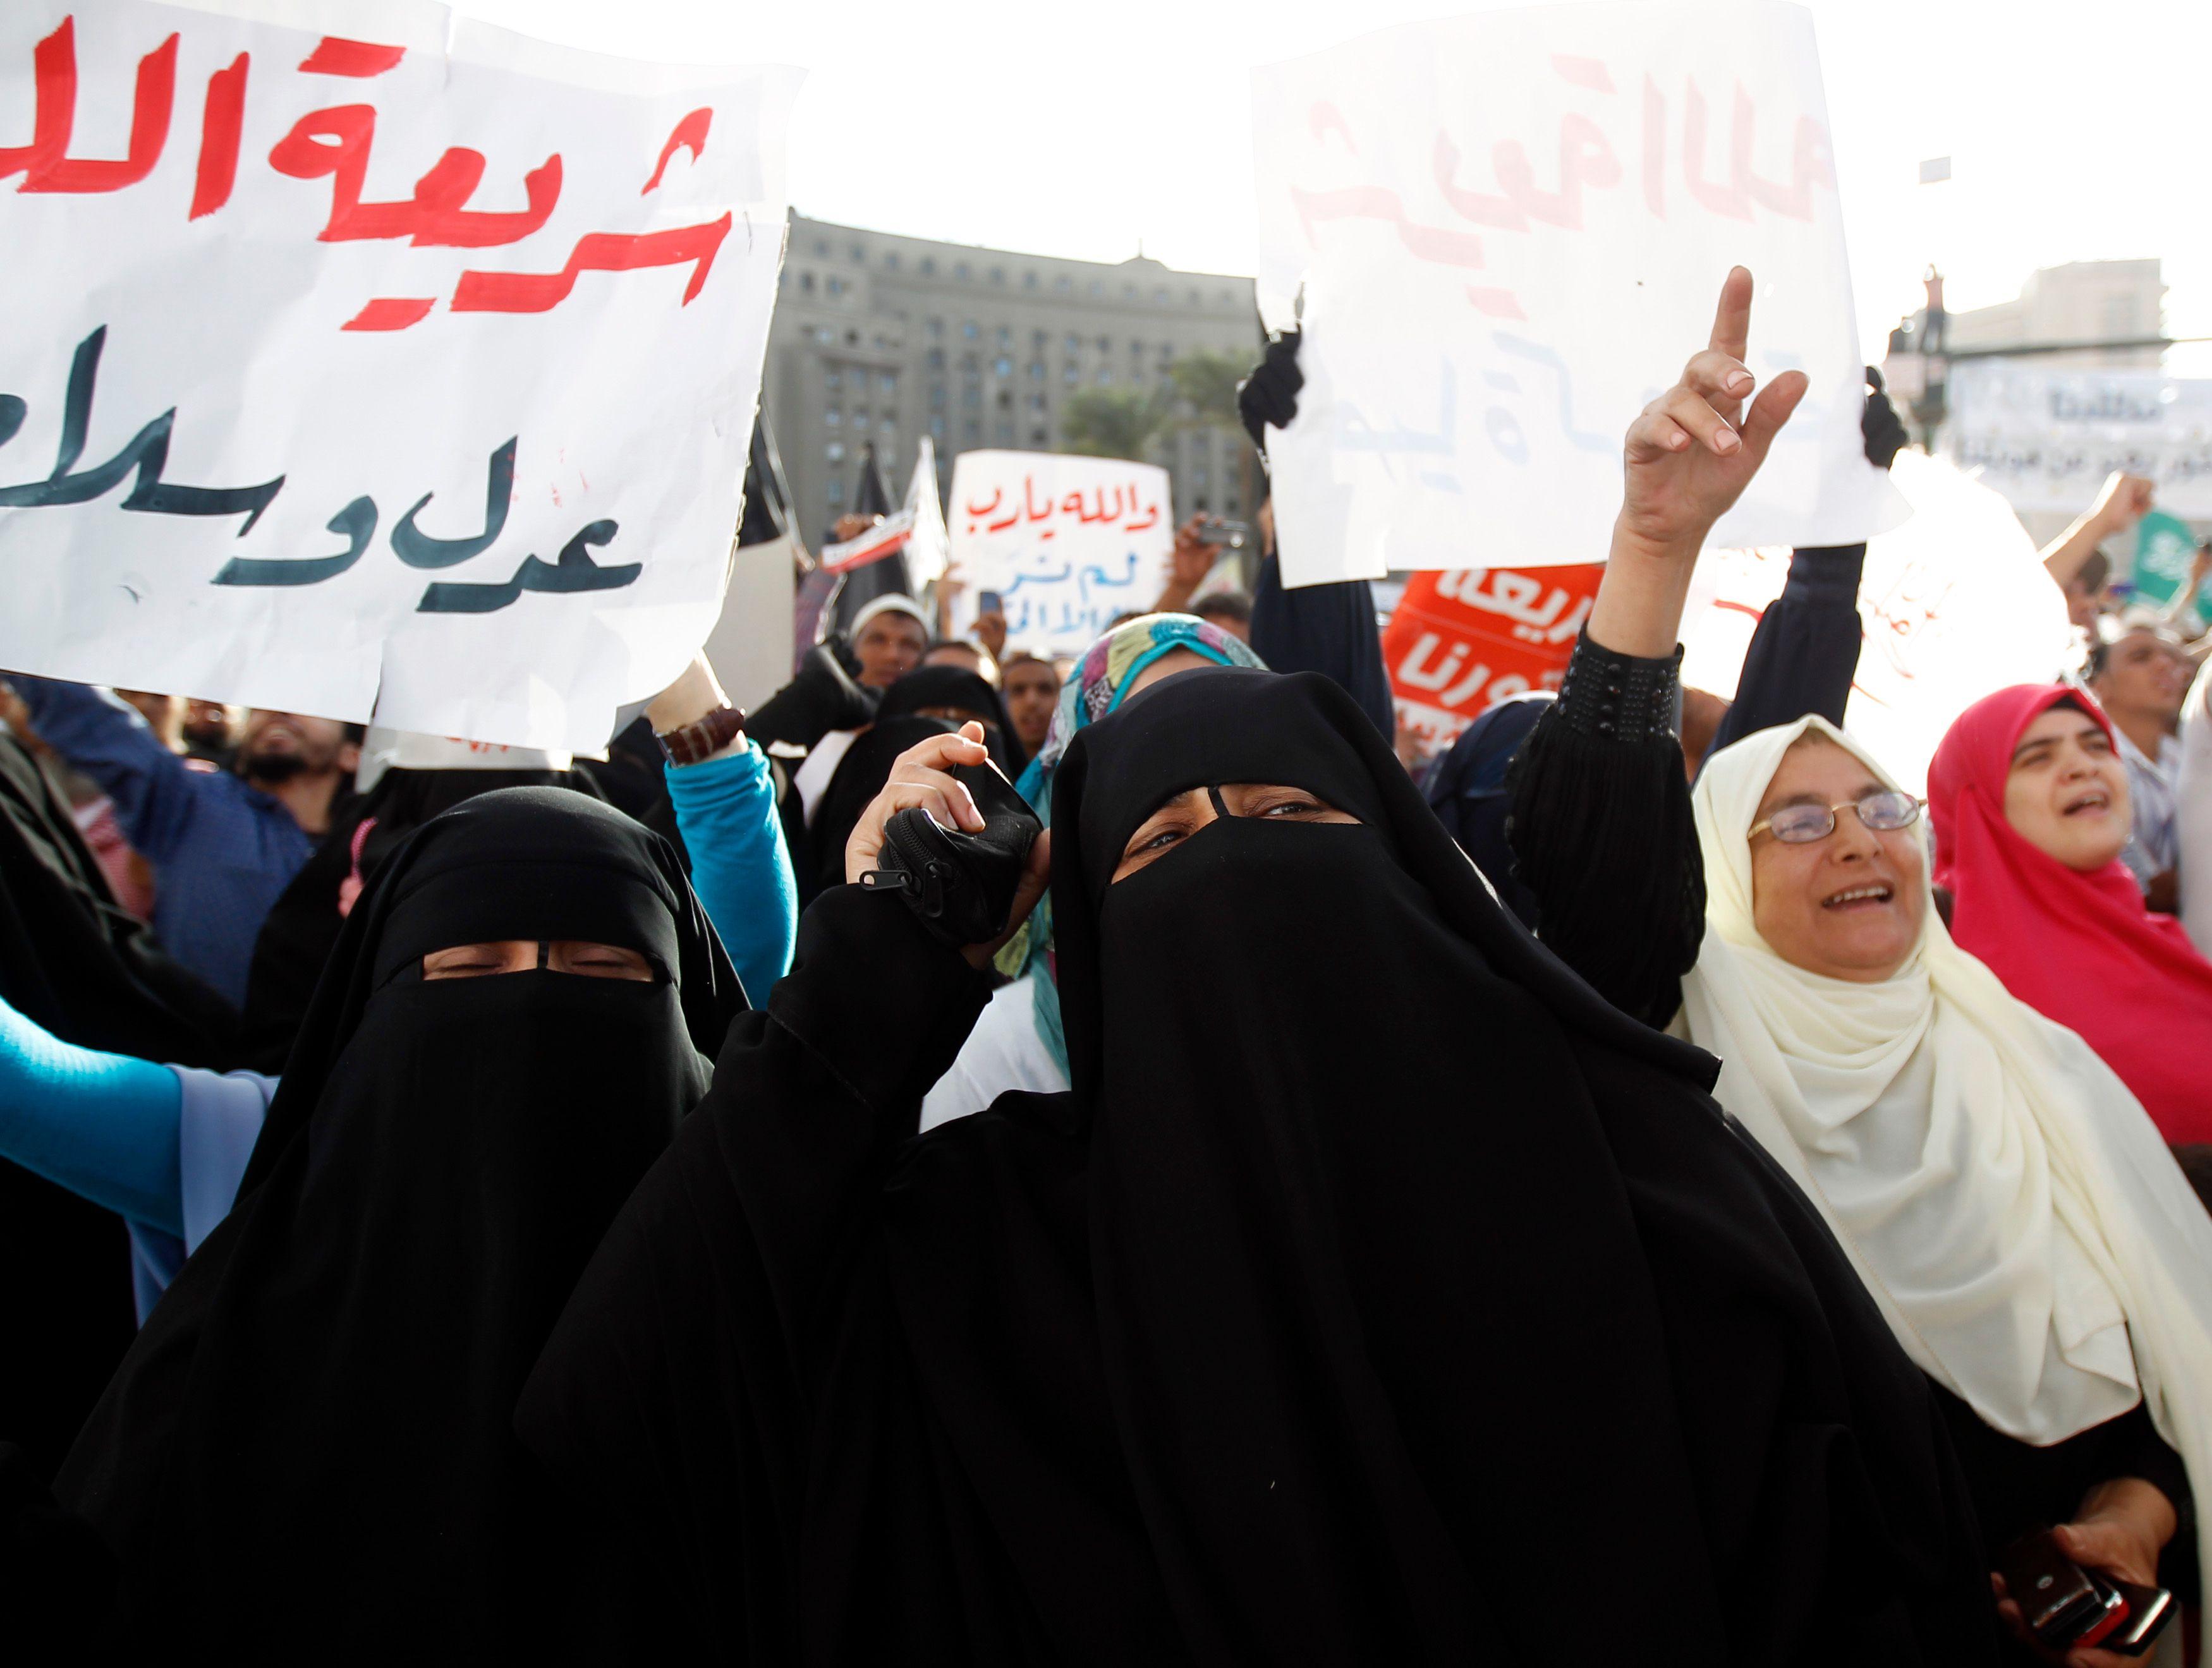 La charia est devenue un véritable slogan populaire en Egypte et ailleurs depuis les printemps arabes.